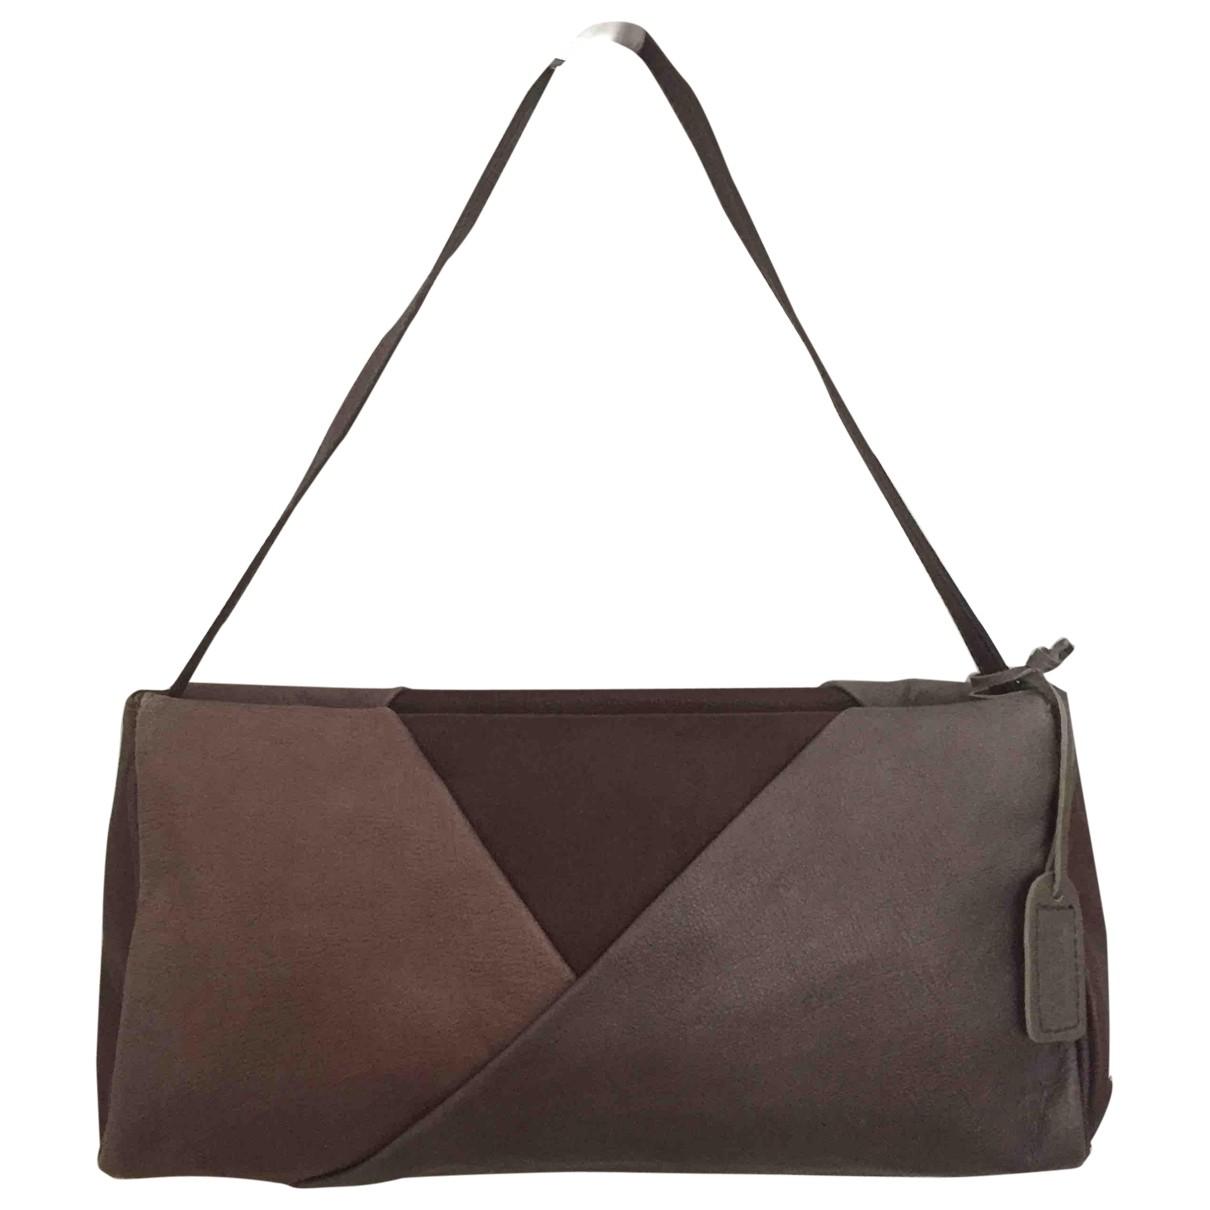 Zara \N Handtasche in  Bunt Leder